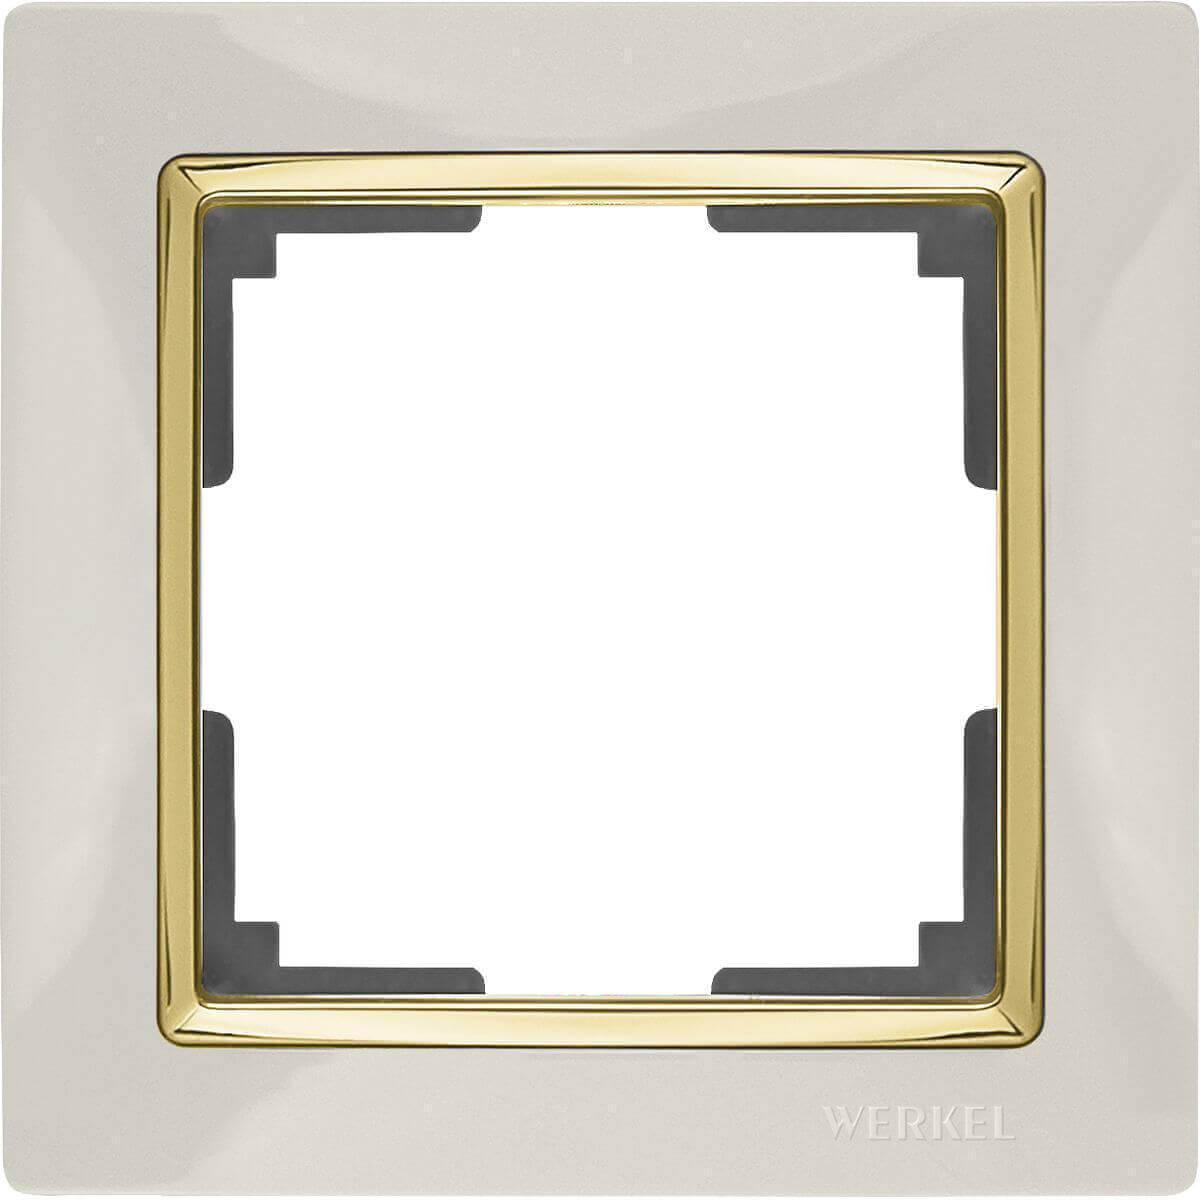 Рамка Werkel Snabb на 1 пост слоновая кость/золото WL03-Frame-01-ivory/GD 4690389083860